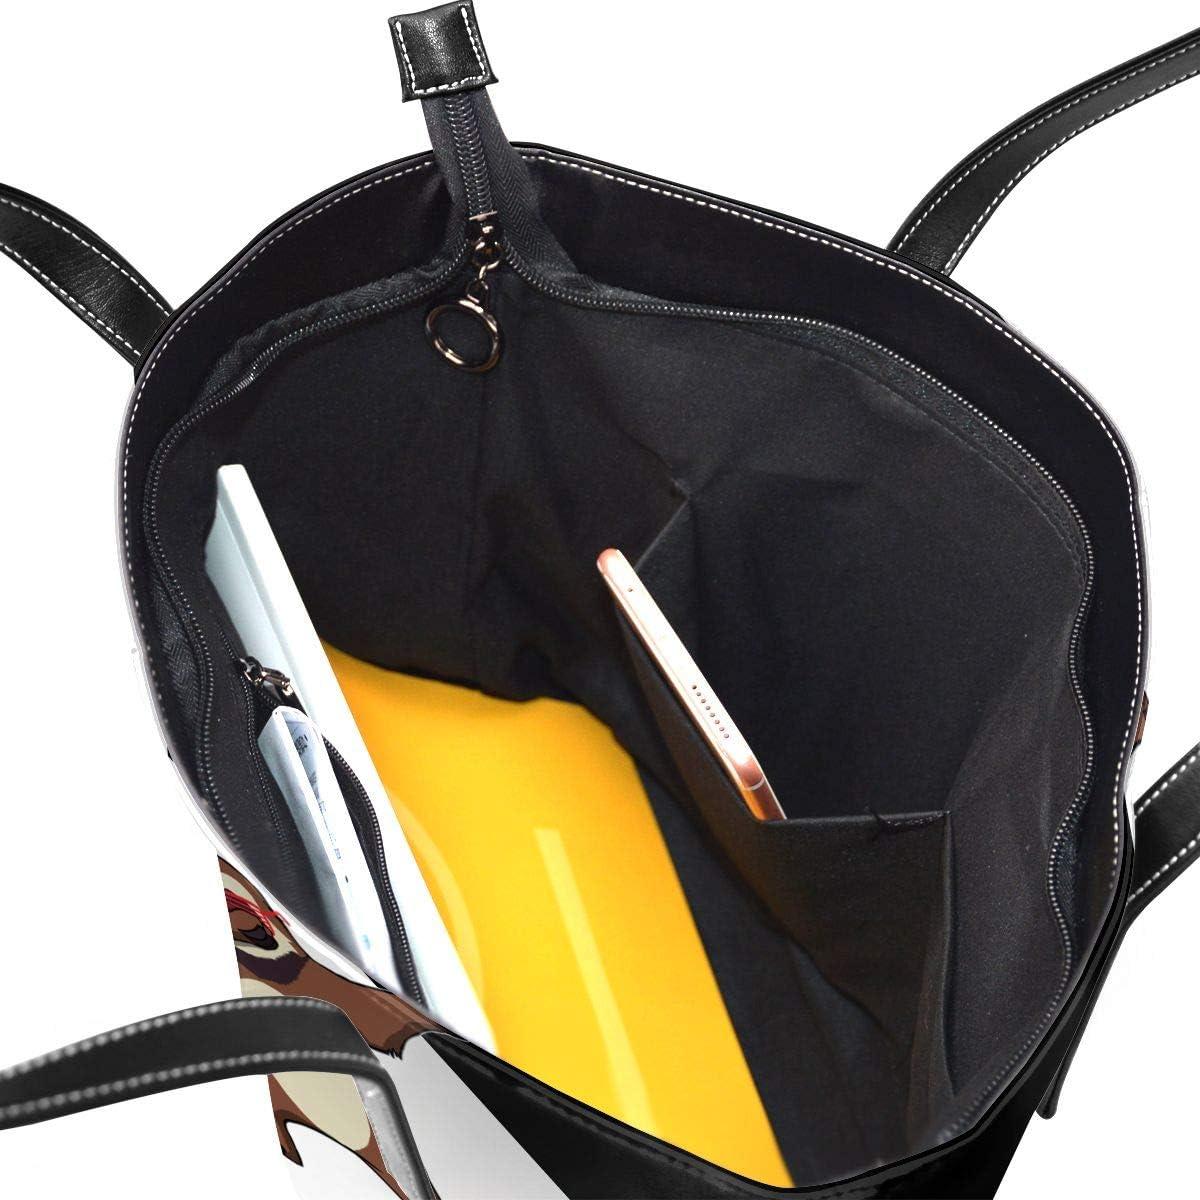 WAY.MAY Dabbing Sloth Leather Tote Bags Zippered Handbags Shoulder Bag